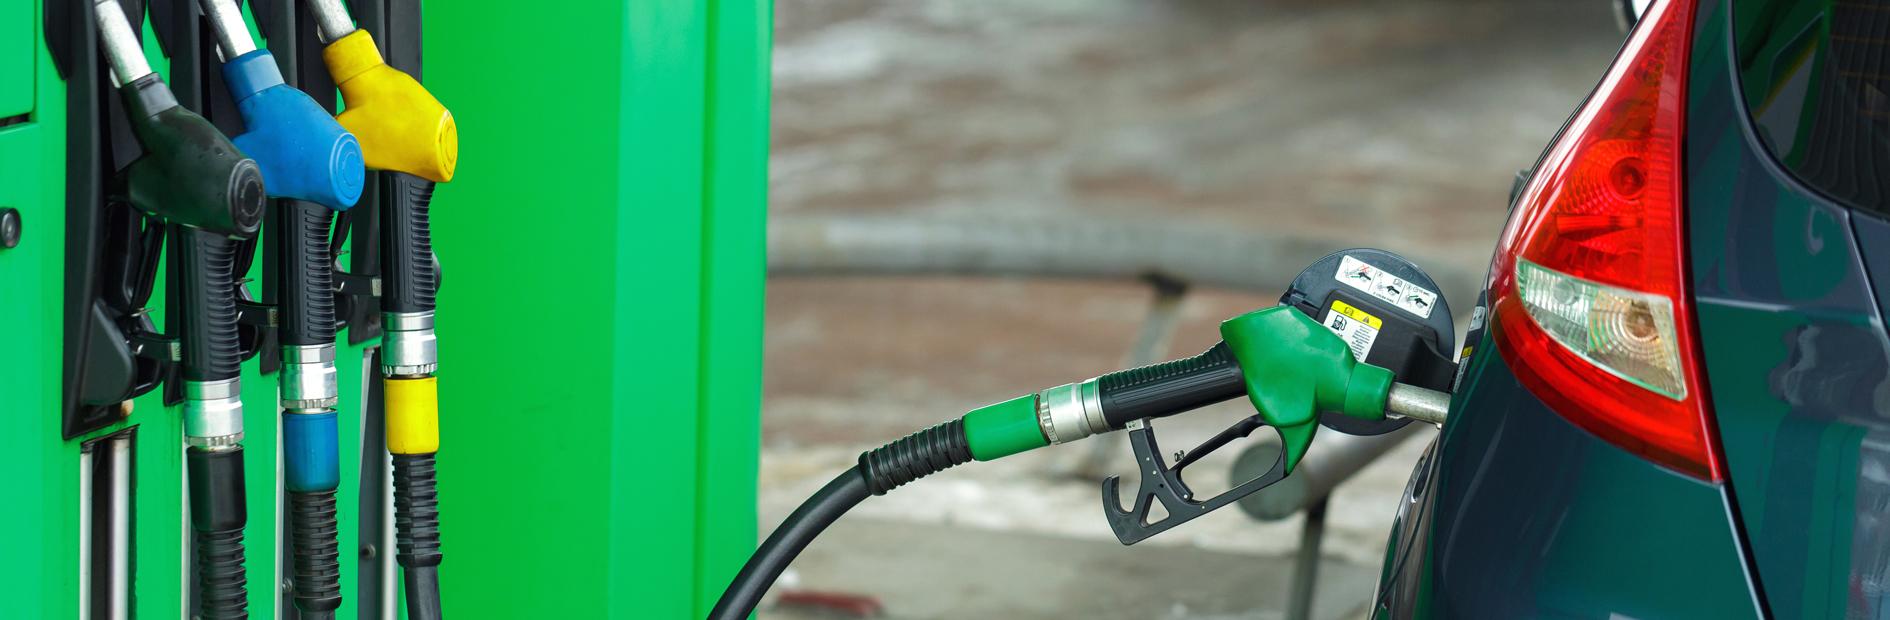 ガソリンカードイメージ